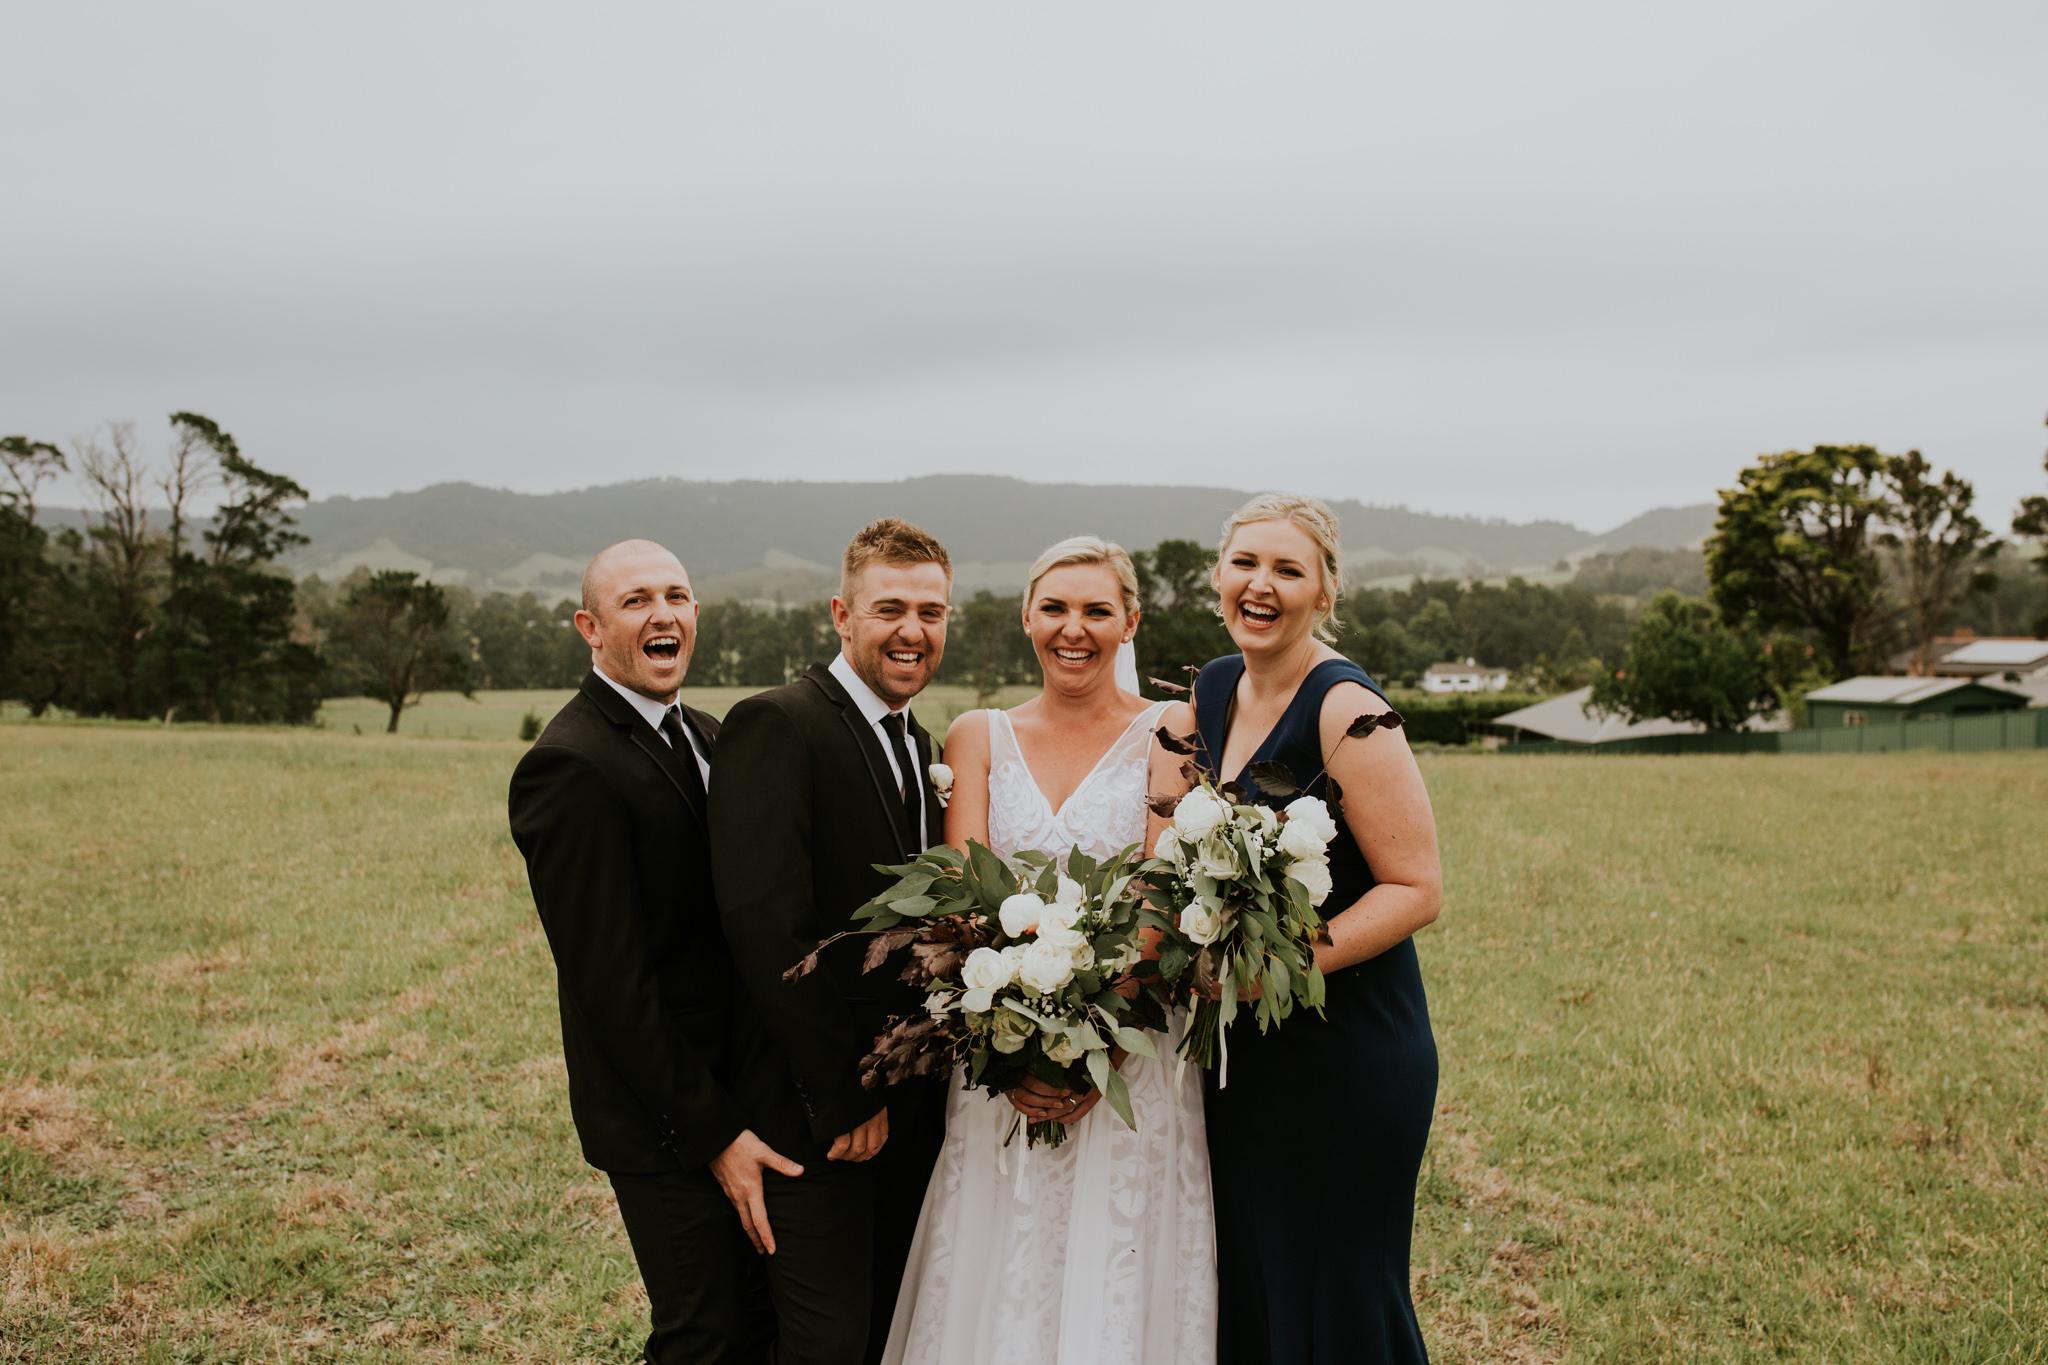 Lucy+Kyle+Kiama+Sebel+wedding-100.jpg